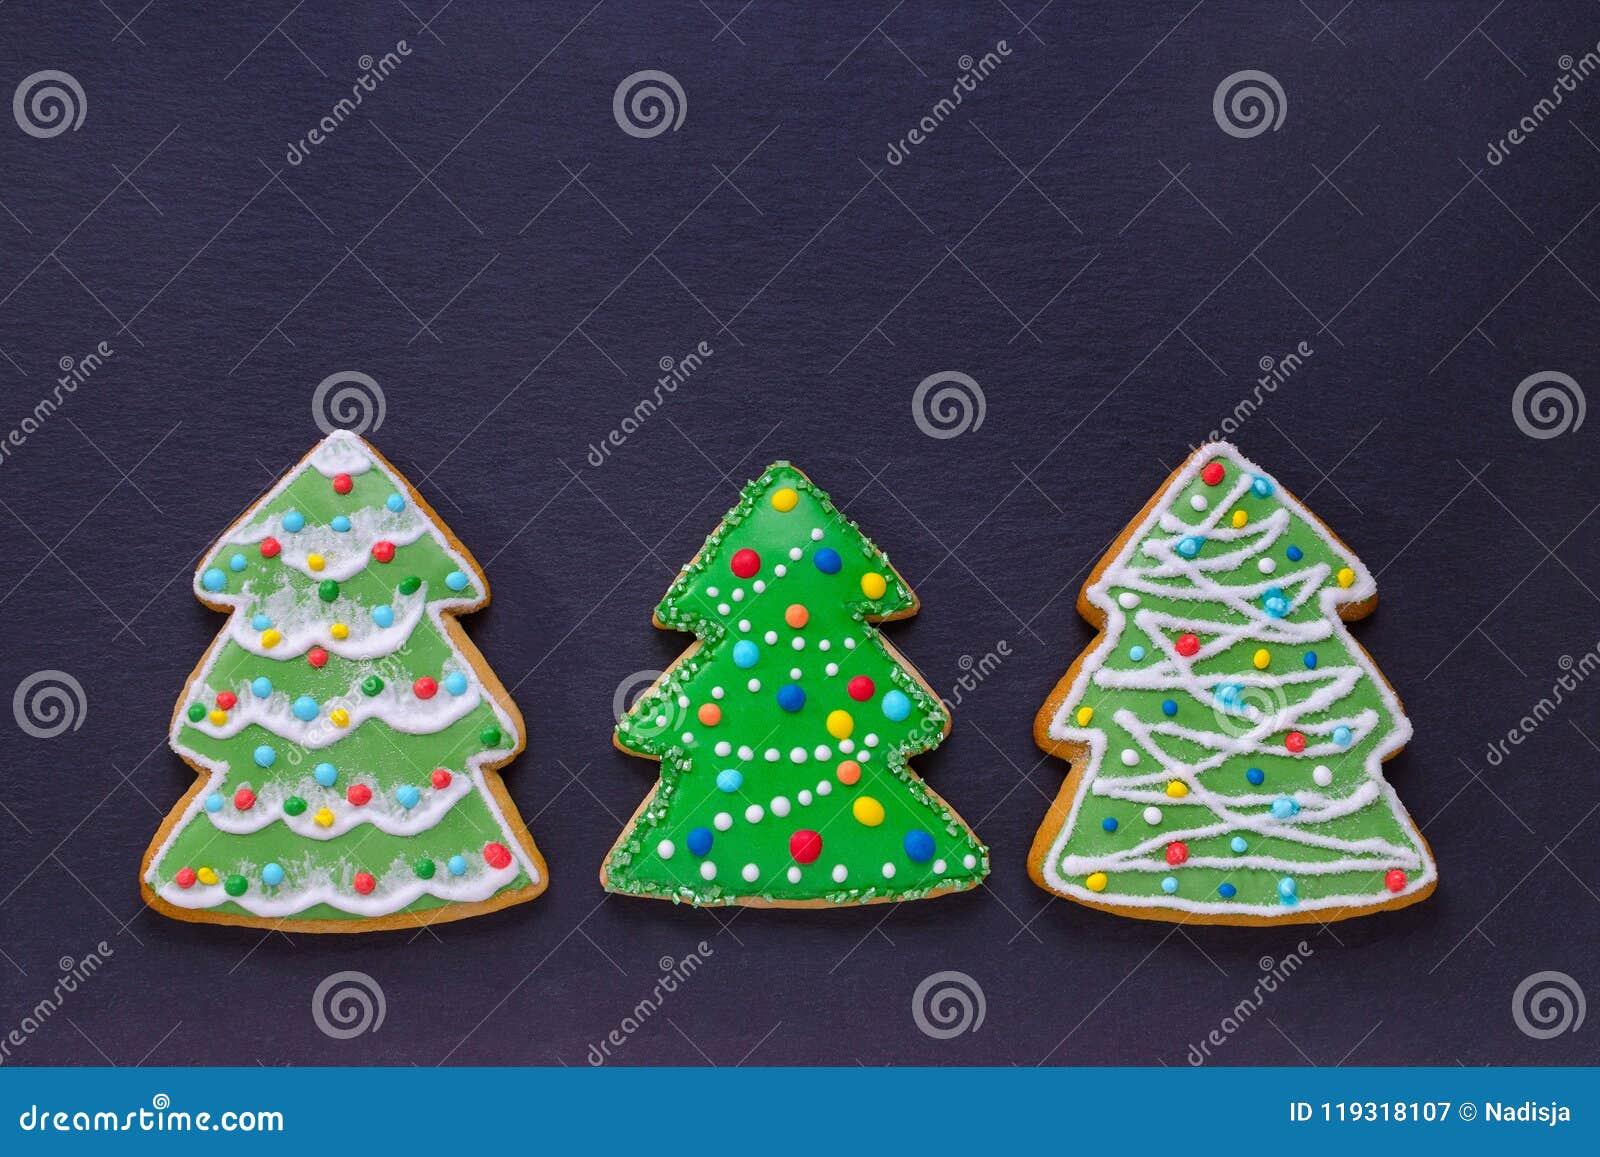 Biscotti Decorati Per Albero Di Natale.Biscotti Fatti A Mano Come Gli Alberi Di Natale Decorati Su Buio Con